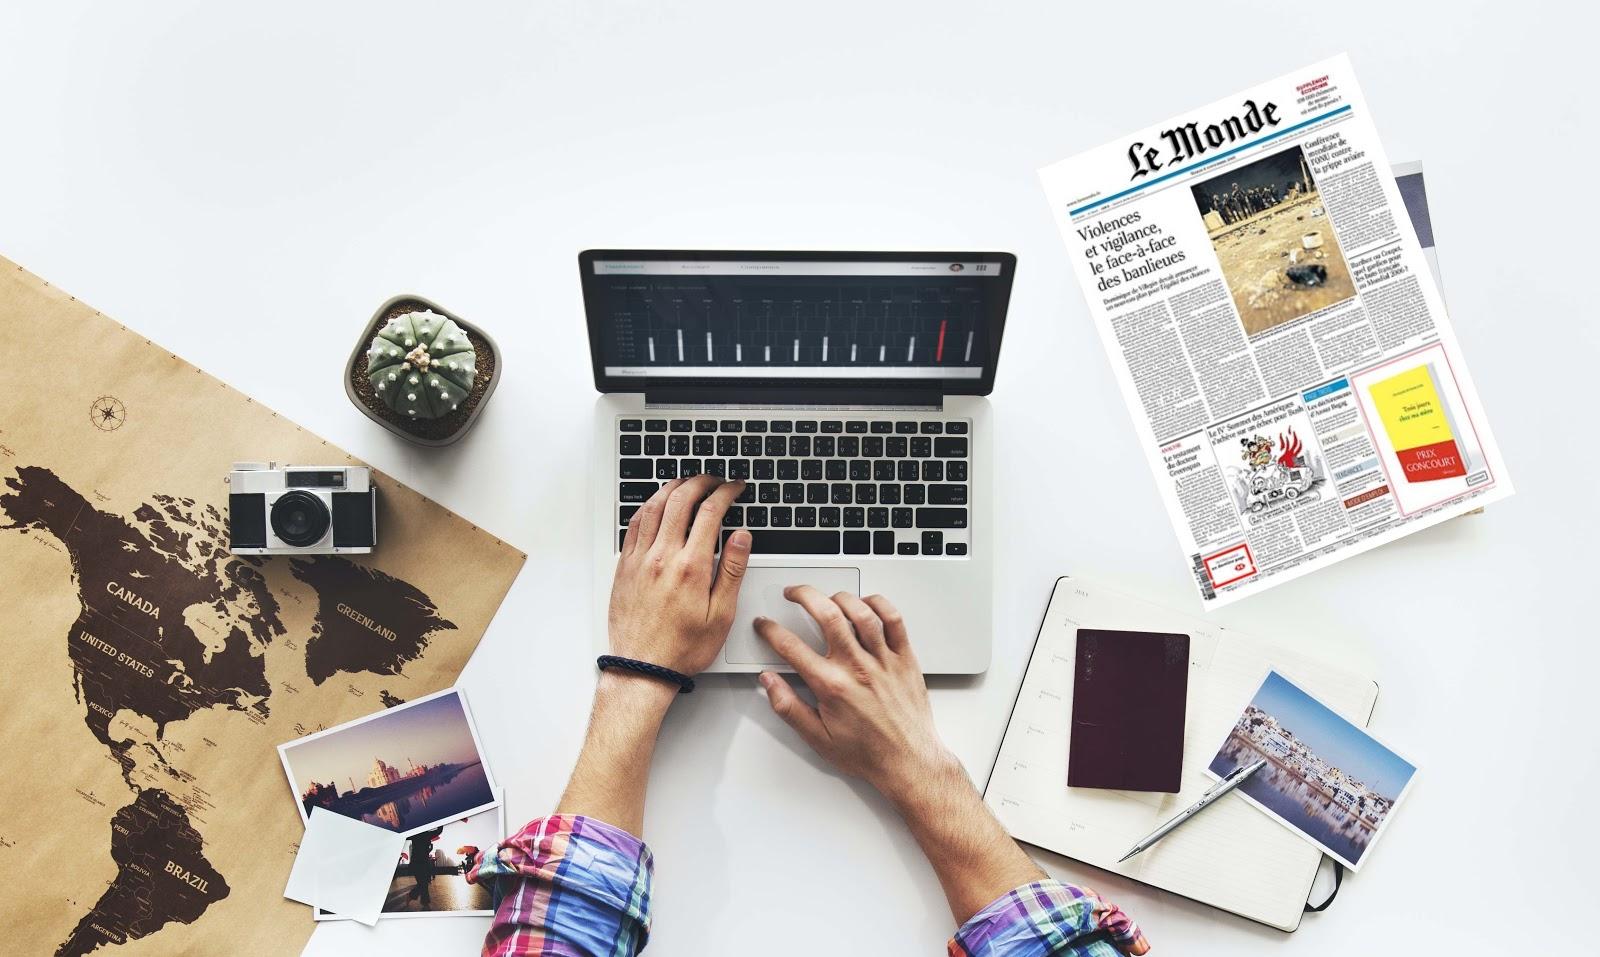 Comment résilier un abonnement au journal national Le Monde ?